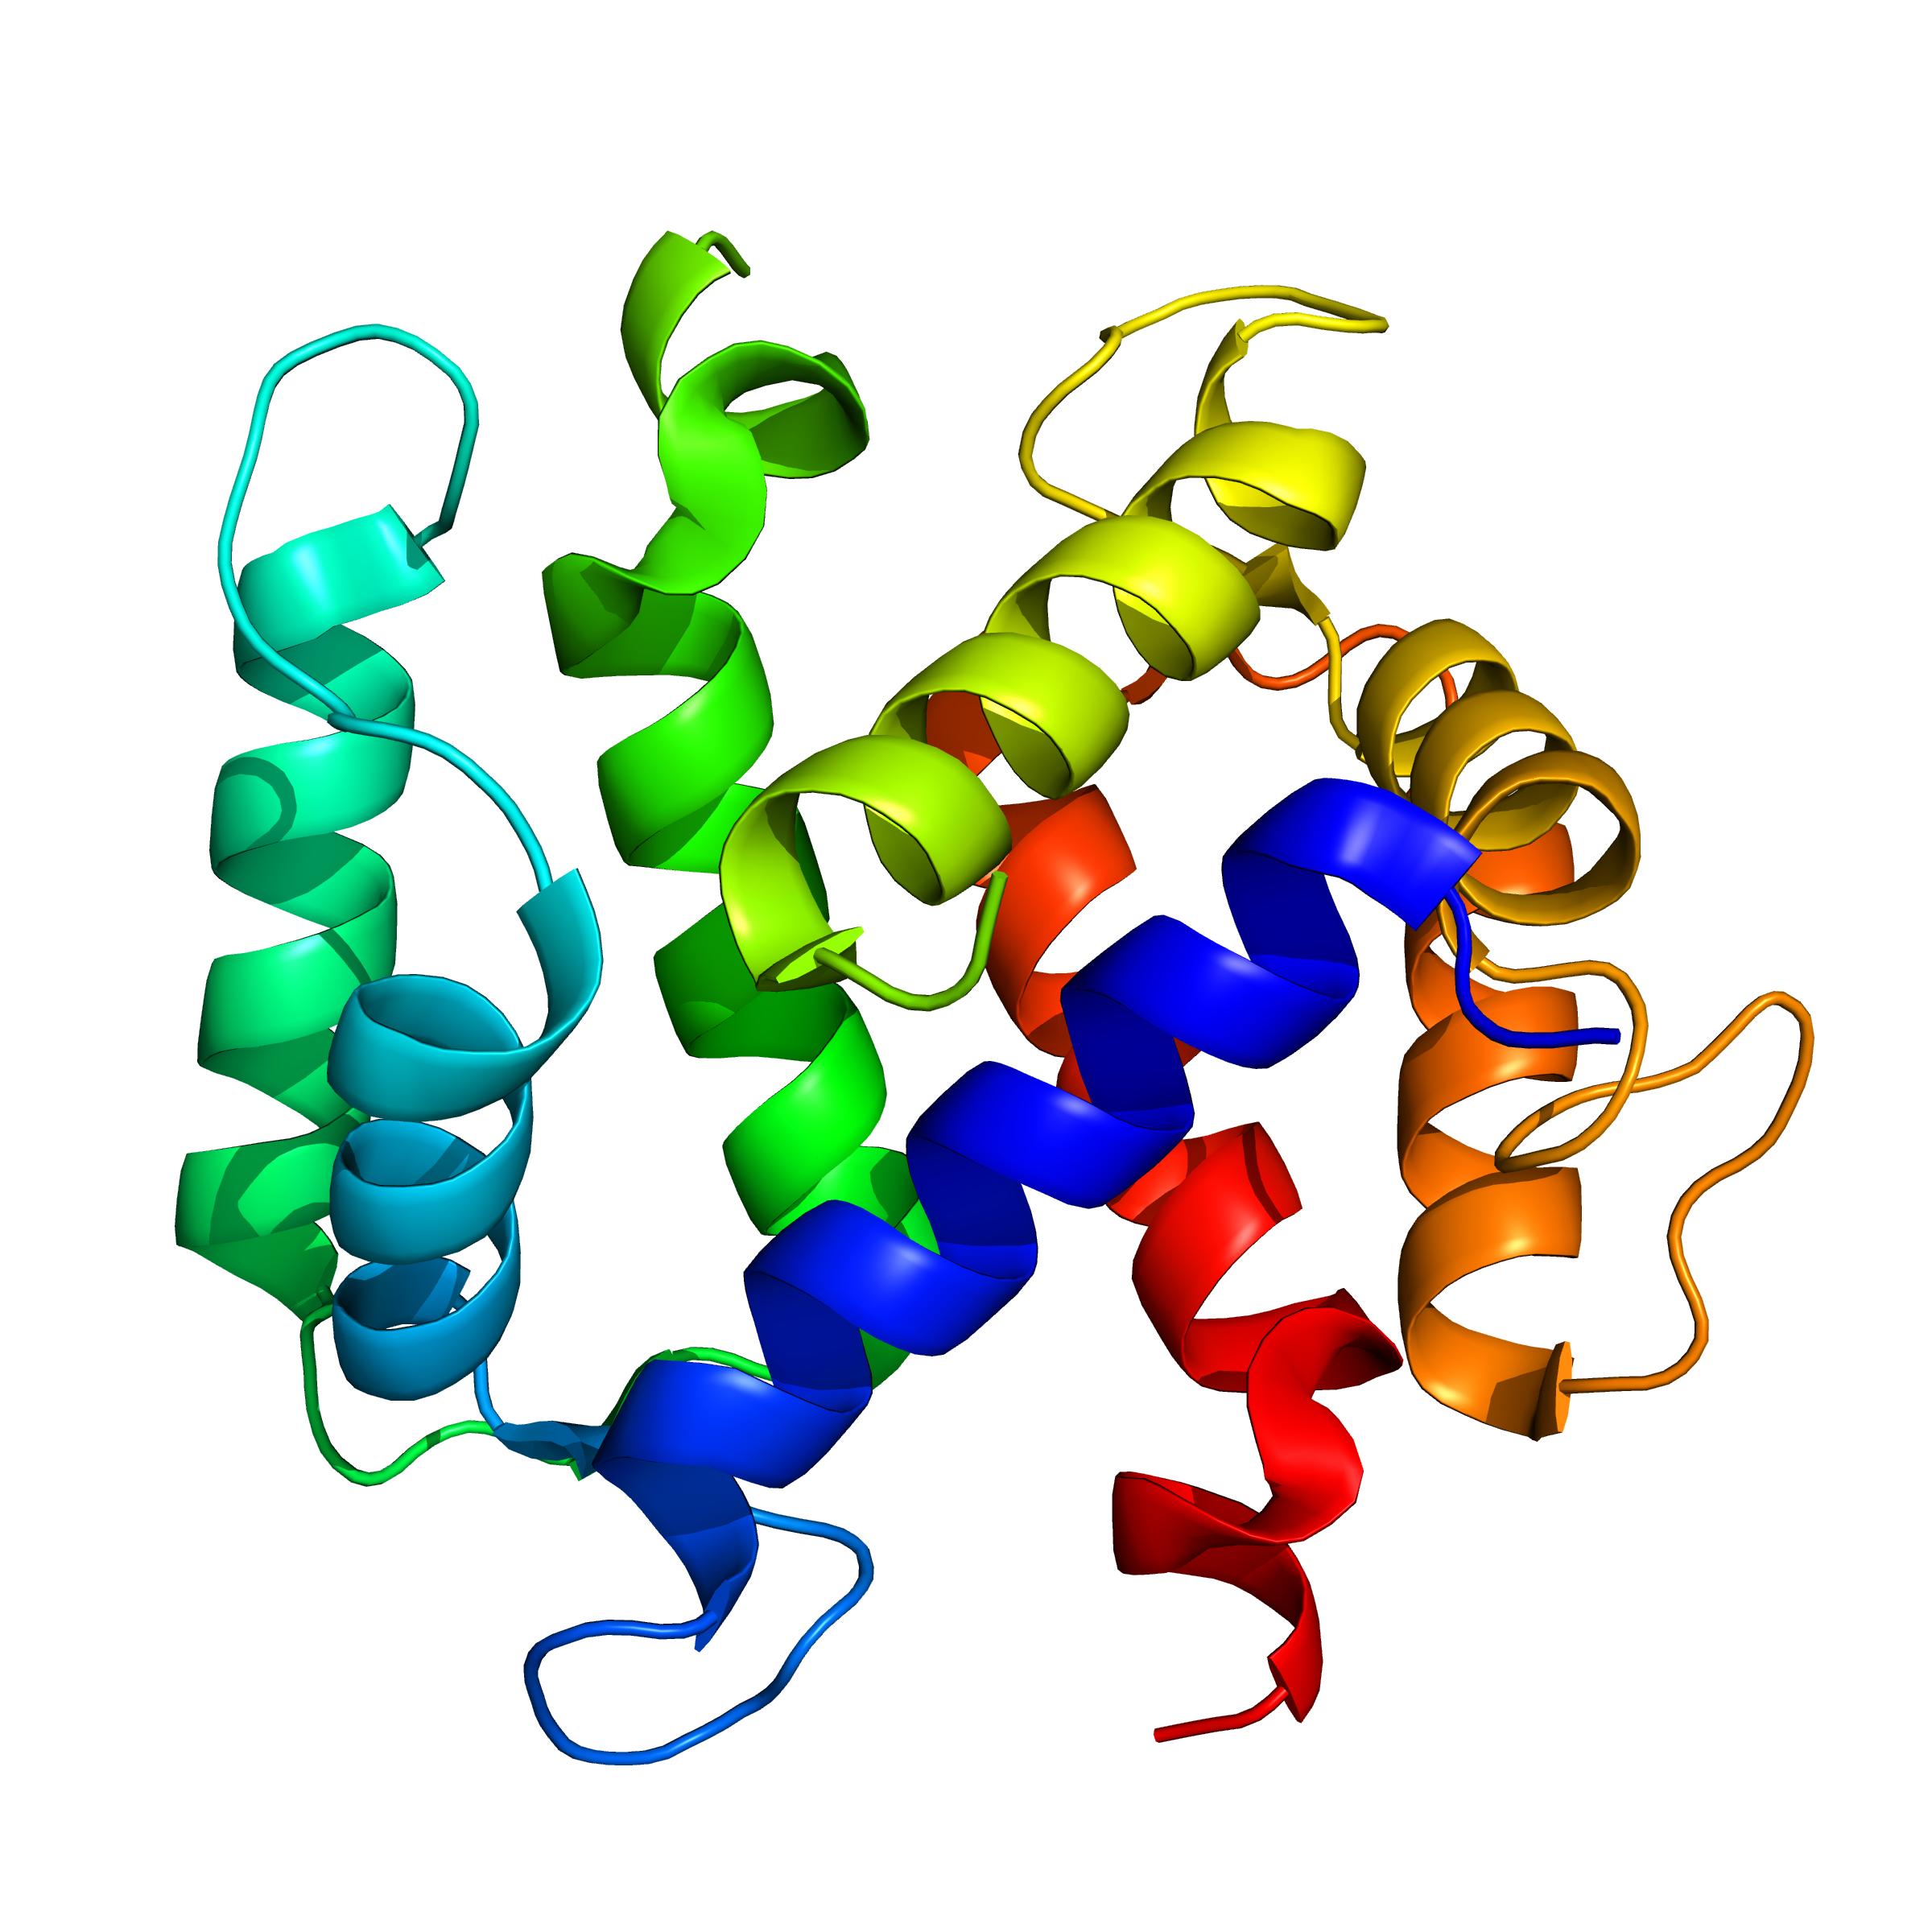 Рекомбинантые белки и синтетические гены для диагностики SARS-CoV-2 (2019-nCoV, COVID-19, COVID19, ковид-19)